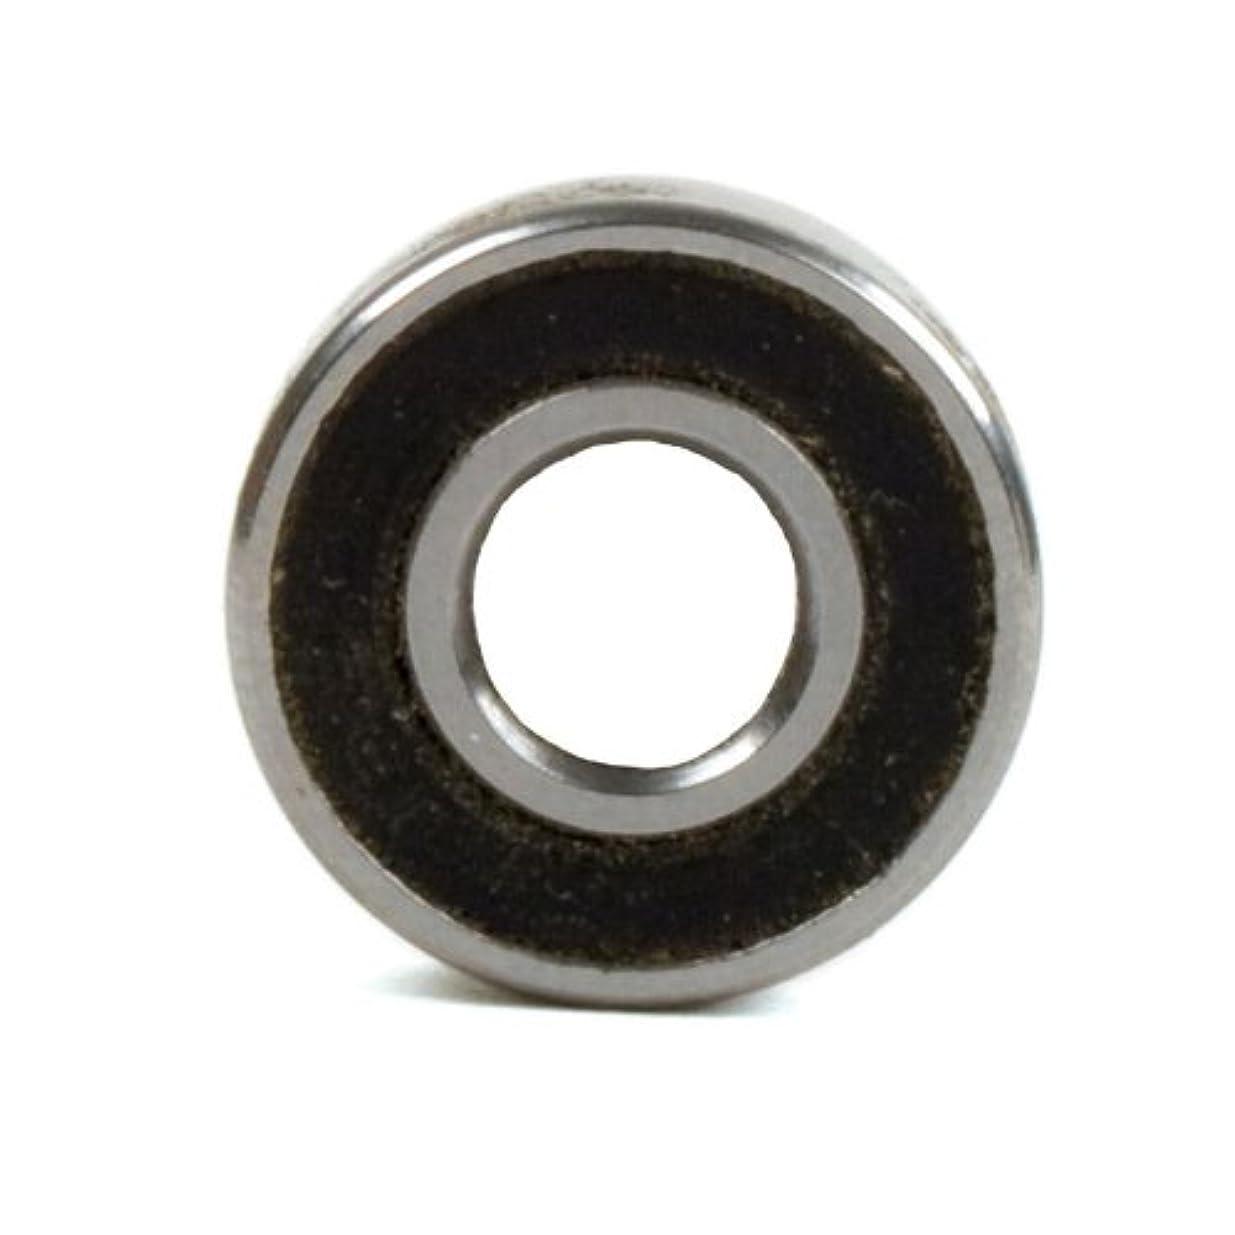 連結するマリン恥ずかしさWheels Manufacturing 696 2RS Sealed Cartridge Bearing by Wheels Manufacturing